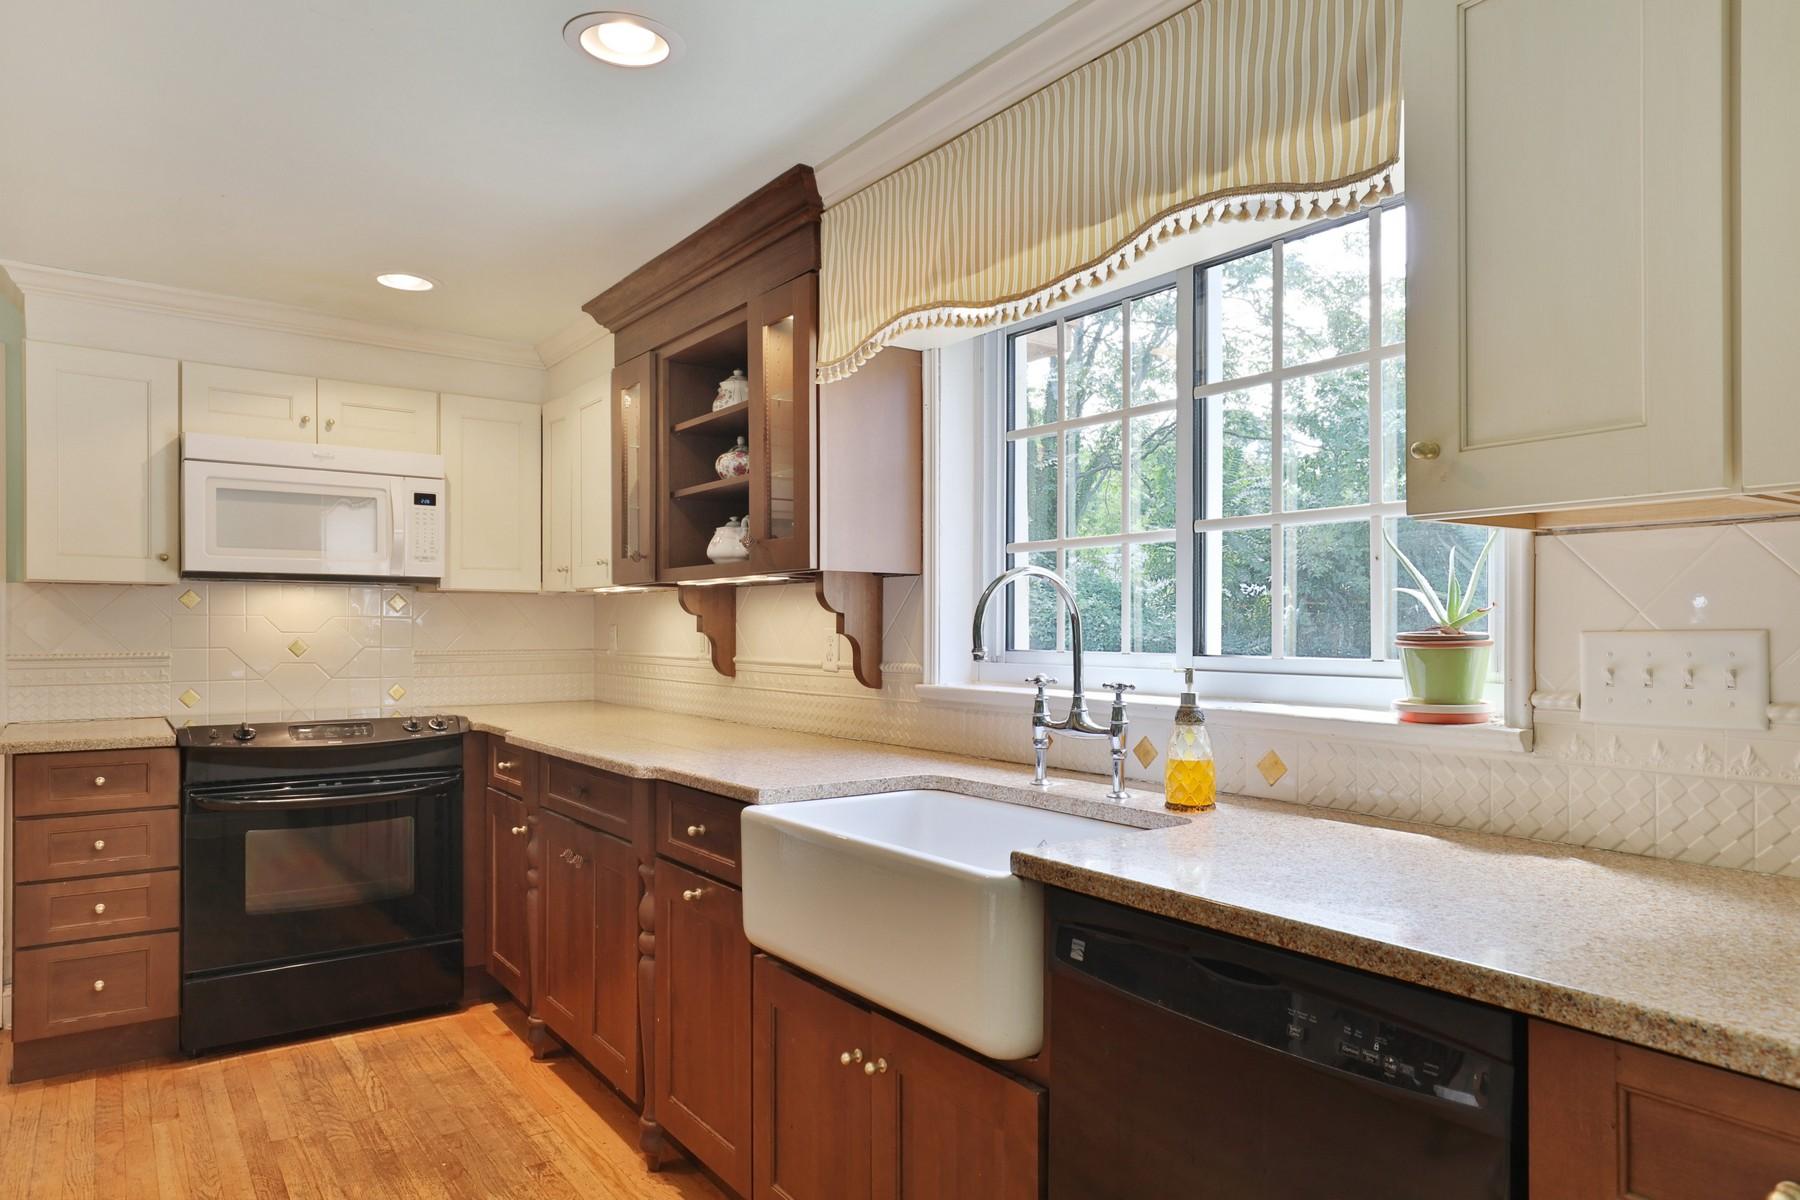 Частный односемейный дом для того Продажа на Highlands Colonial 1 William St Highlands, 07732 Соединенные Штаты